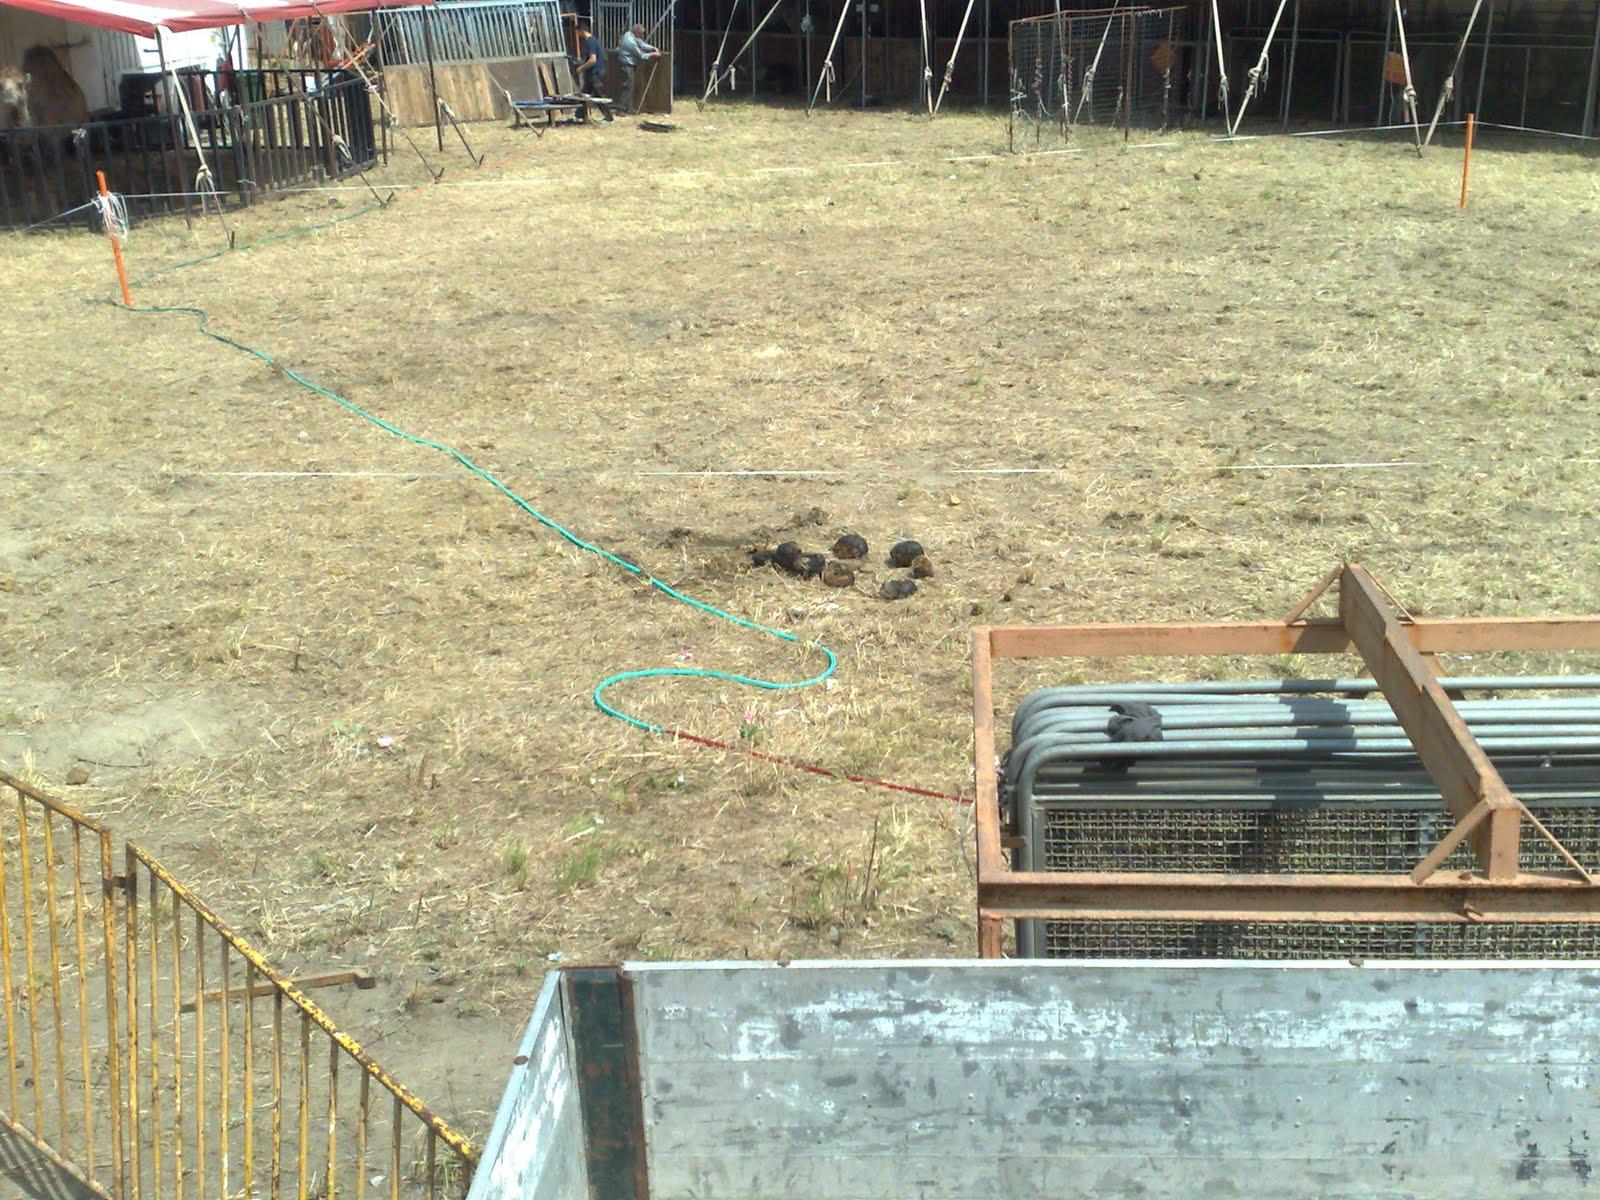 Spiazzale dove i grossi animali defecano provocando in alcune ore della giornata cattivi odori che investono tutta l area circostante